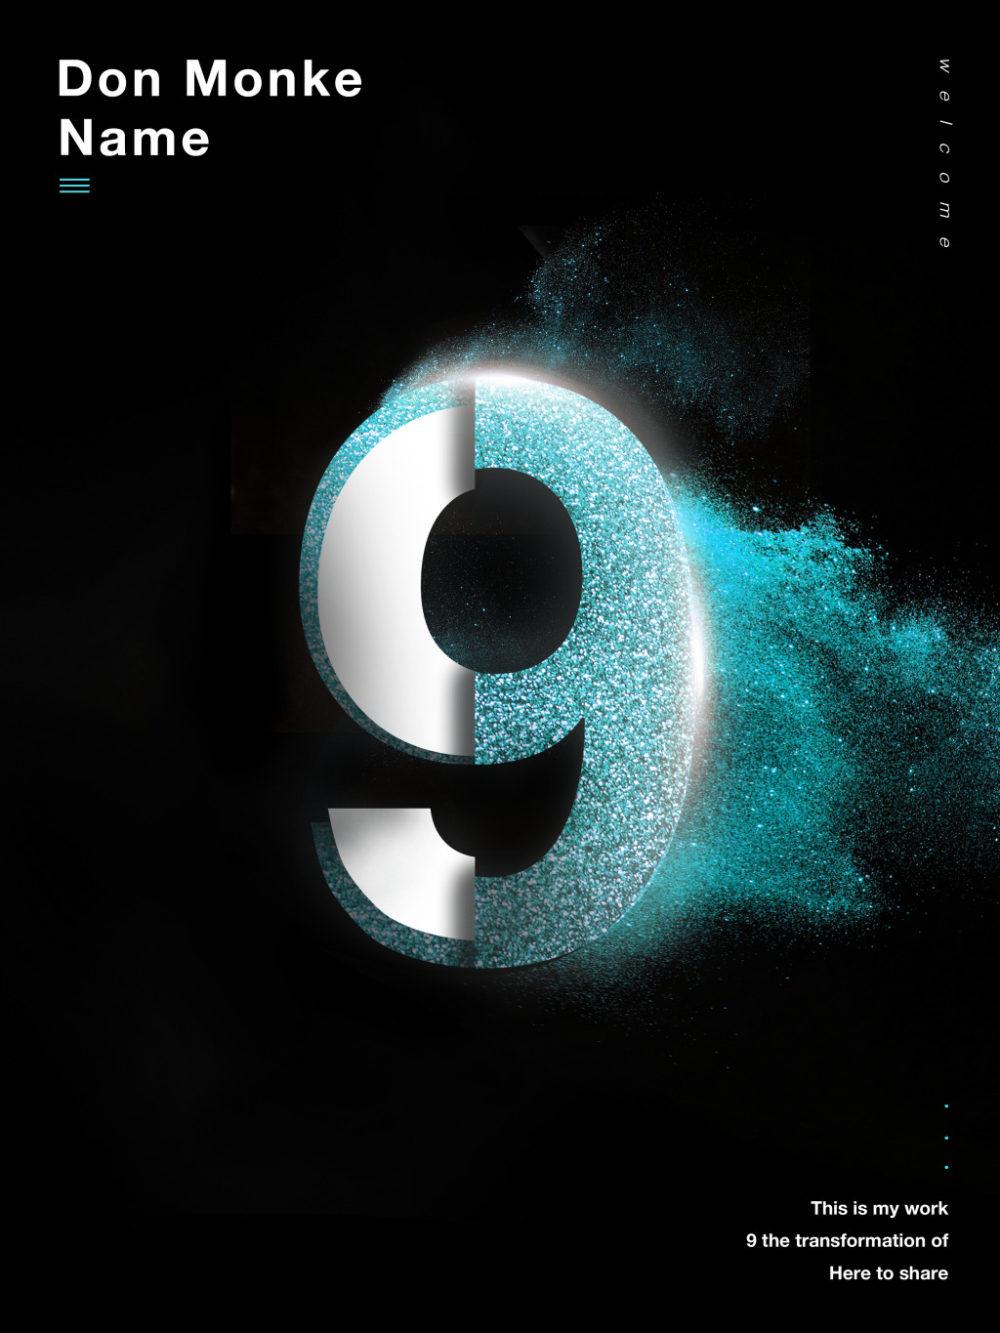 创意数字9海报设计psd模板